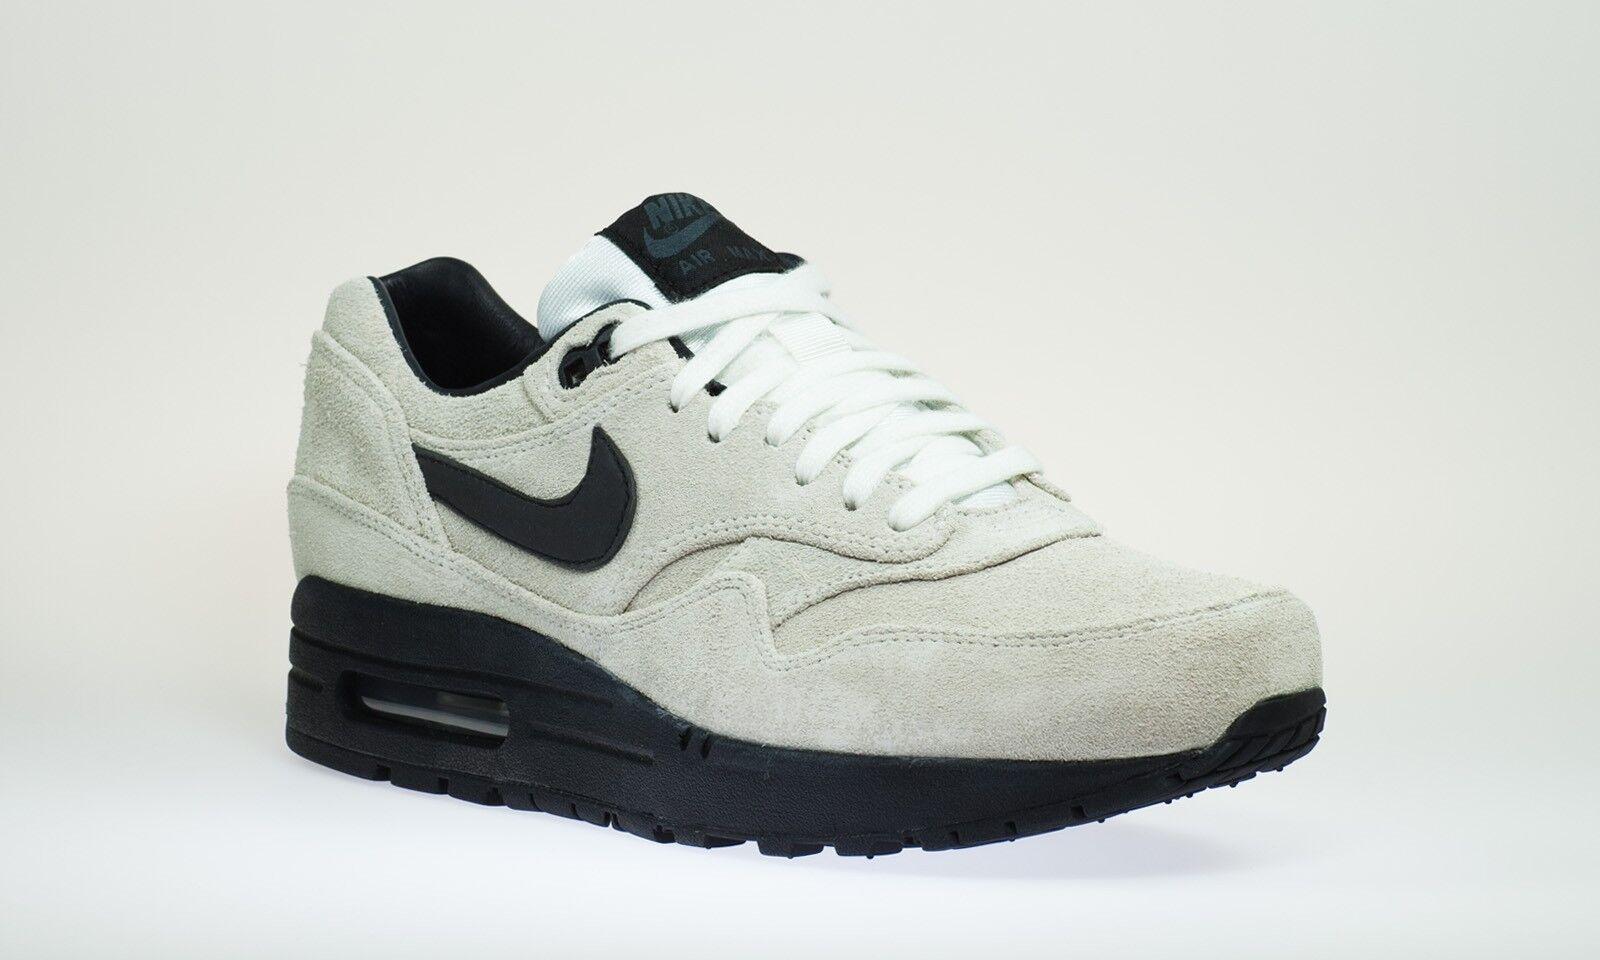 Nike Air Max 1 premium 512033 100 zapatos caballero zapatos talla 44.5 45 46 12 10 Reino Unido 9.5 11